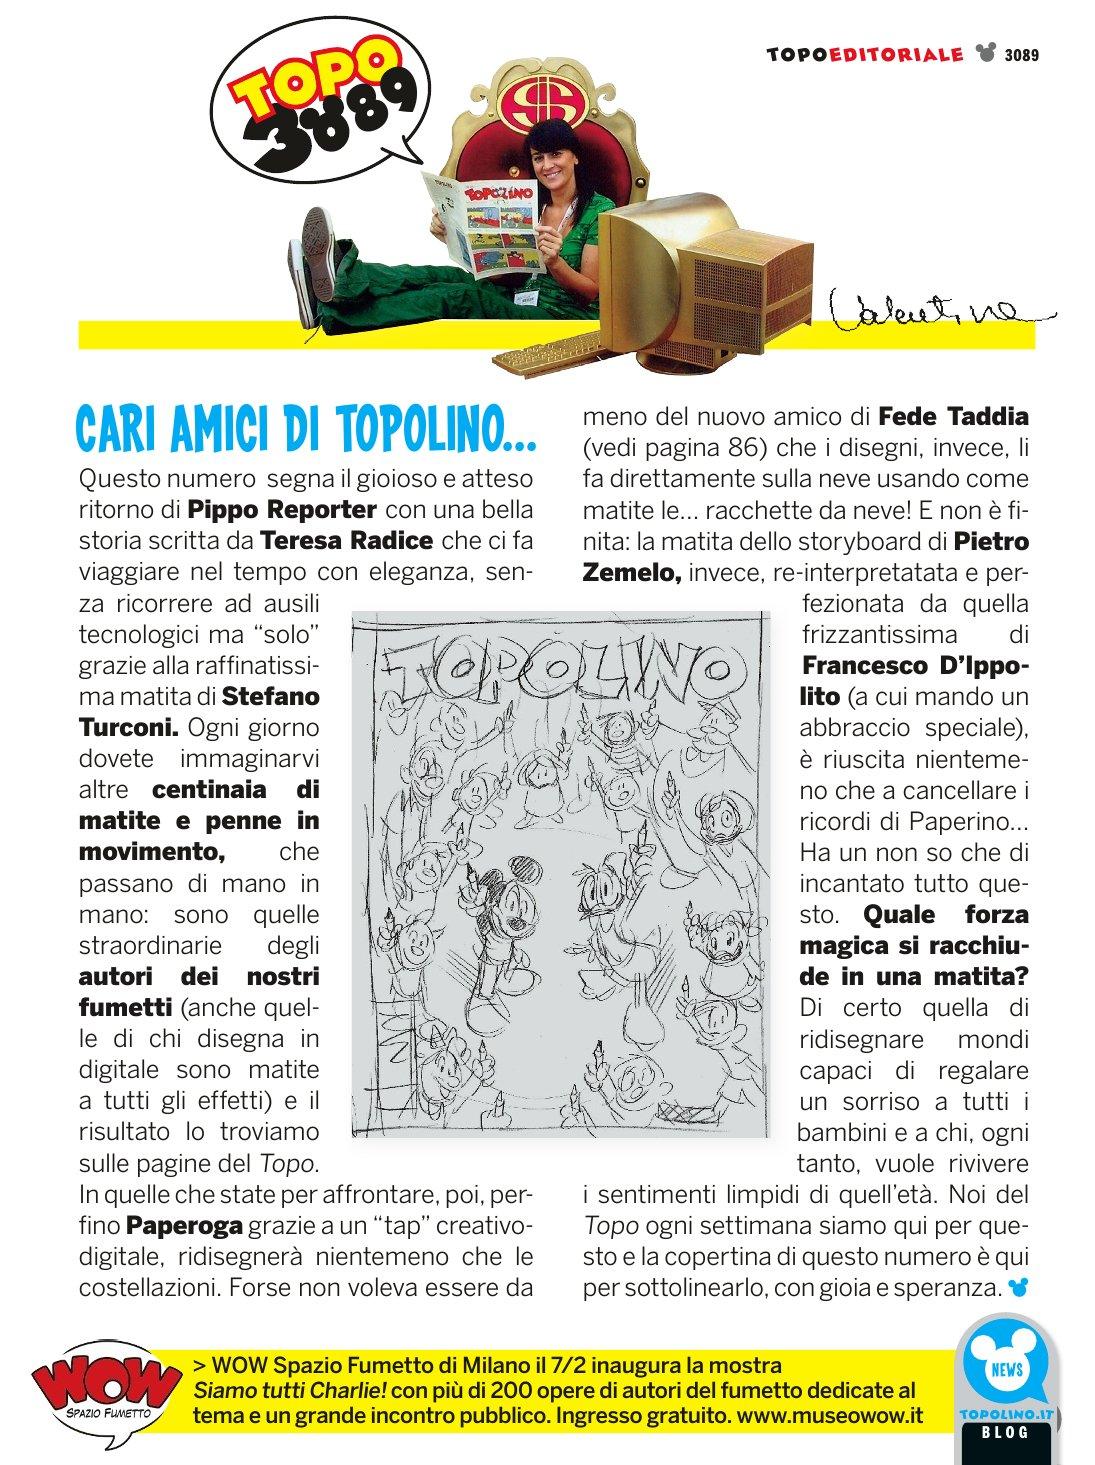 L'editoriale del numero 3089 di Valentina De Poli (via: http://topoinfo.altervista.org/)